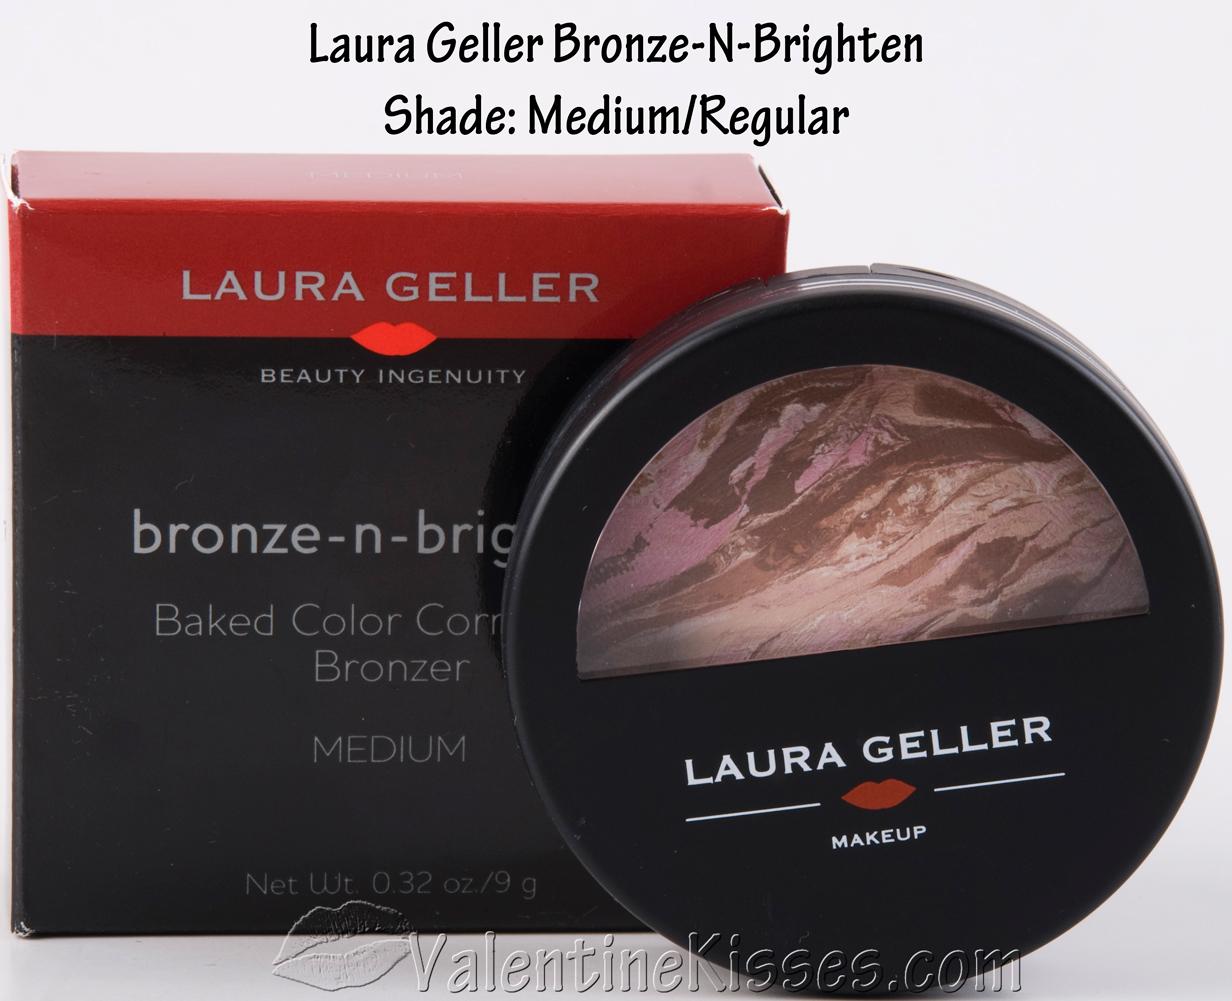 Bronze-N-Brighten by Laura Geller #5